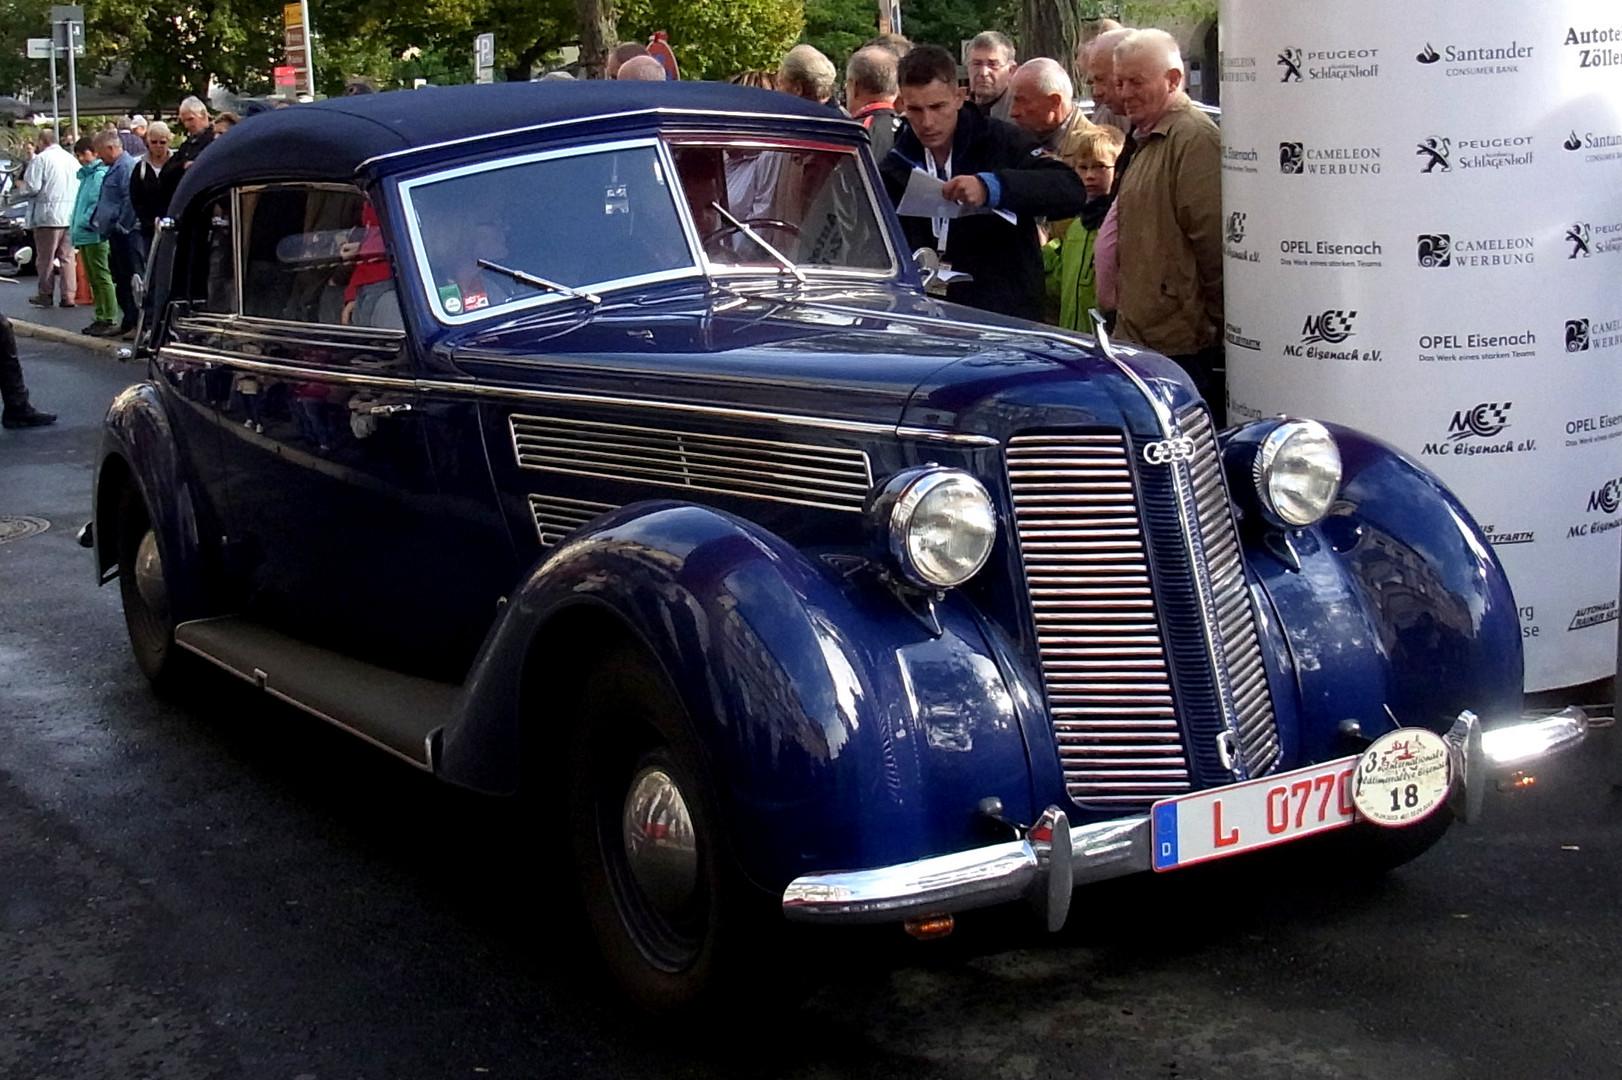 3. Oldtimer-Rallye in Eisenach 2013 - AutoUnion